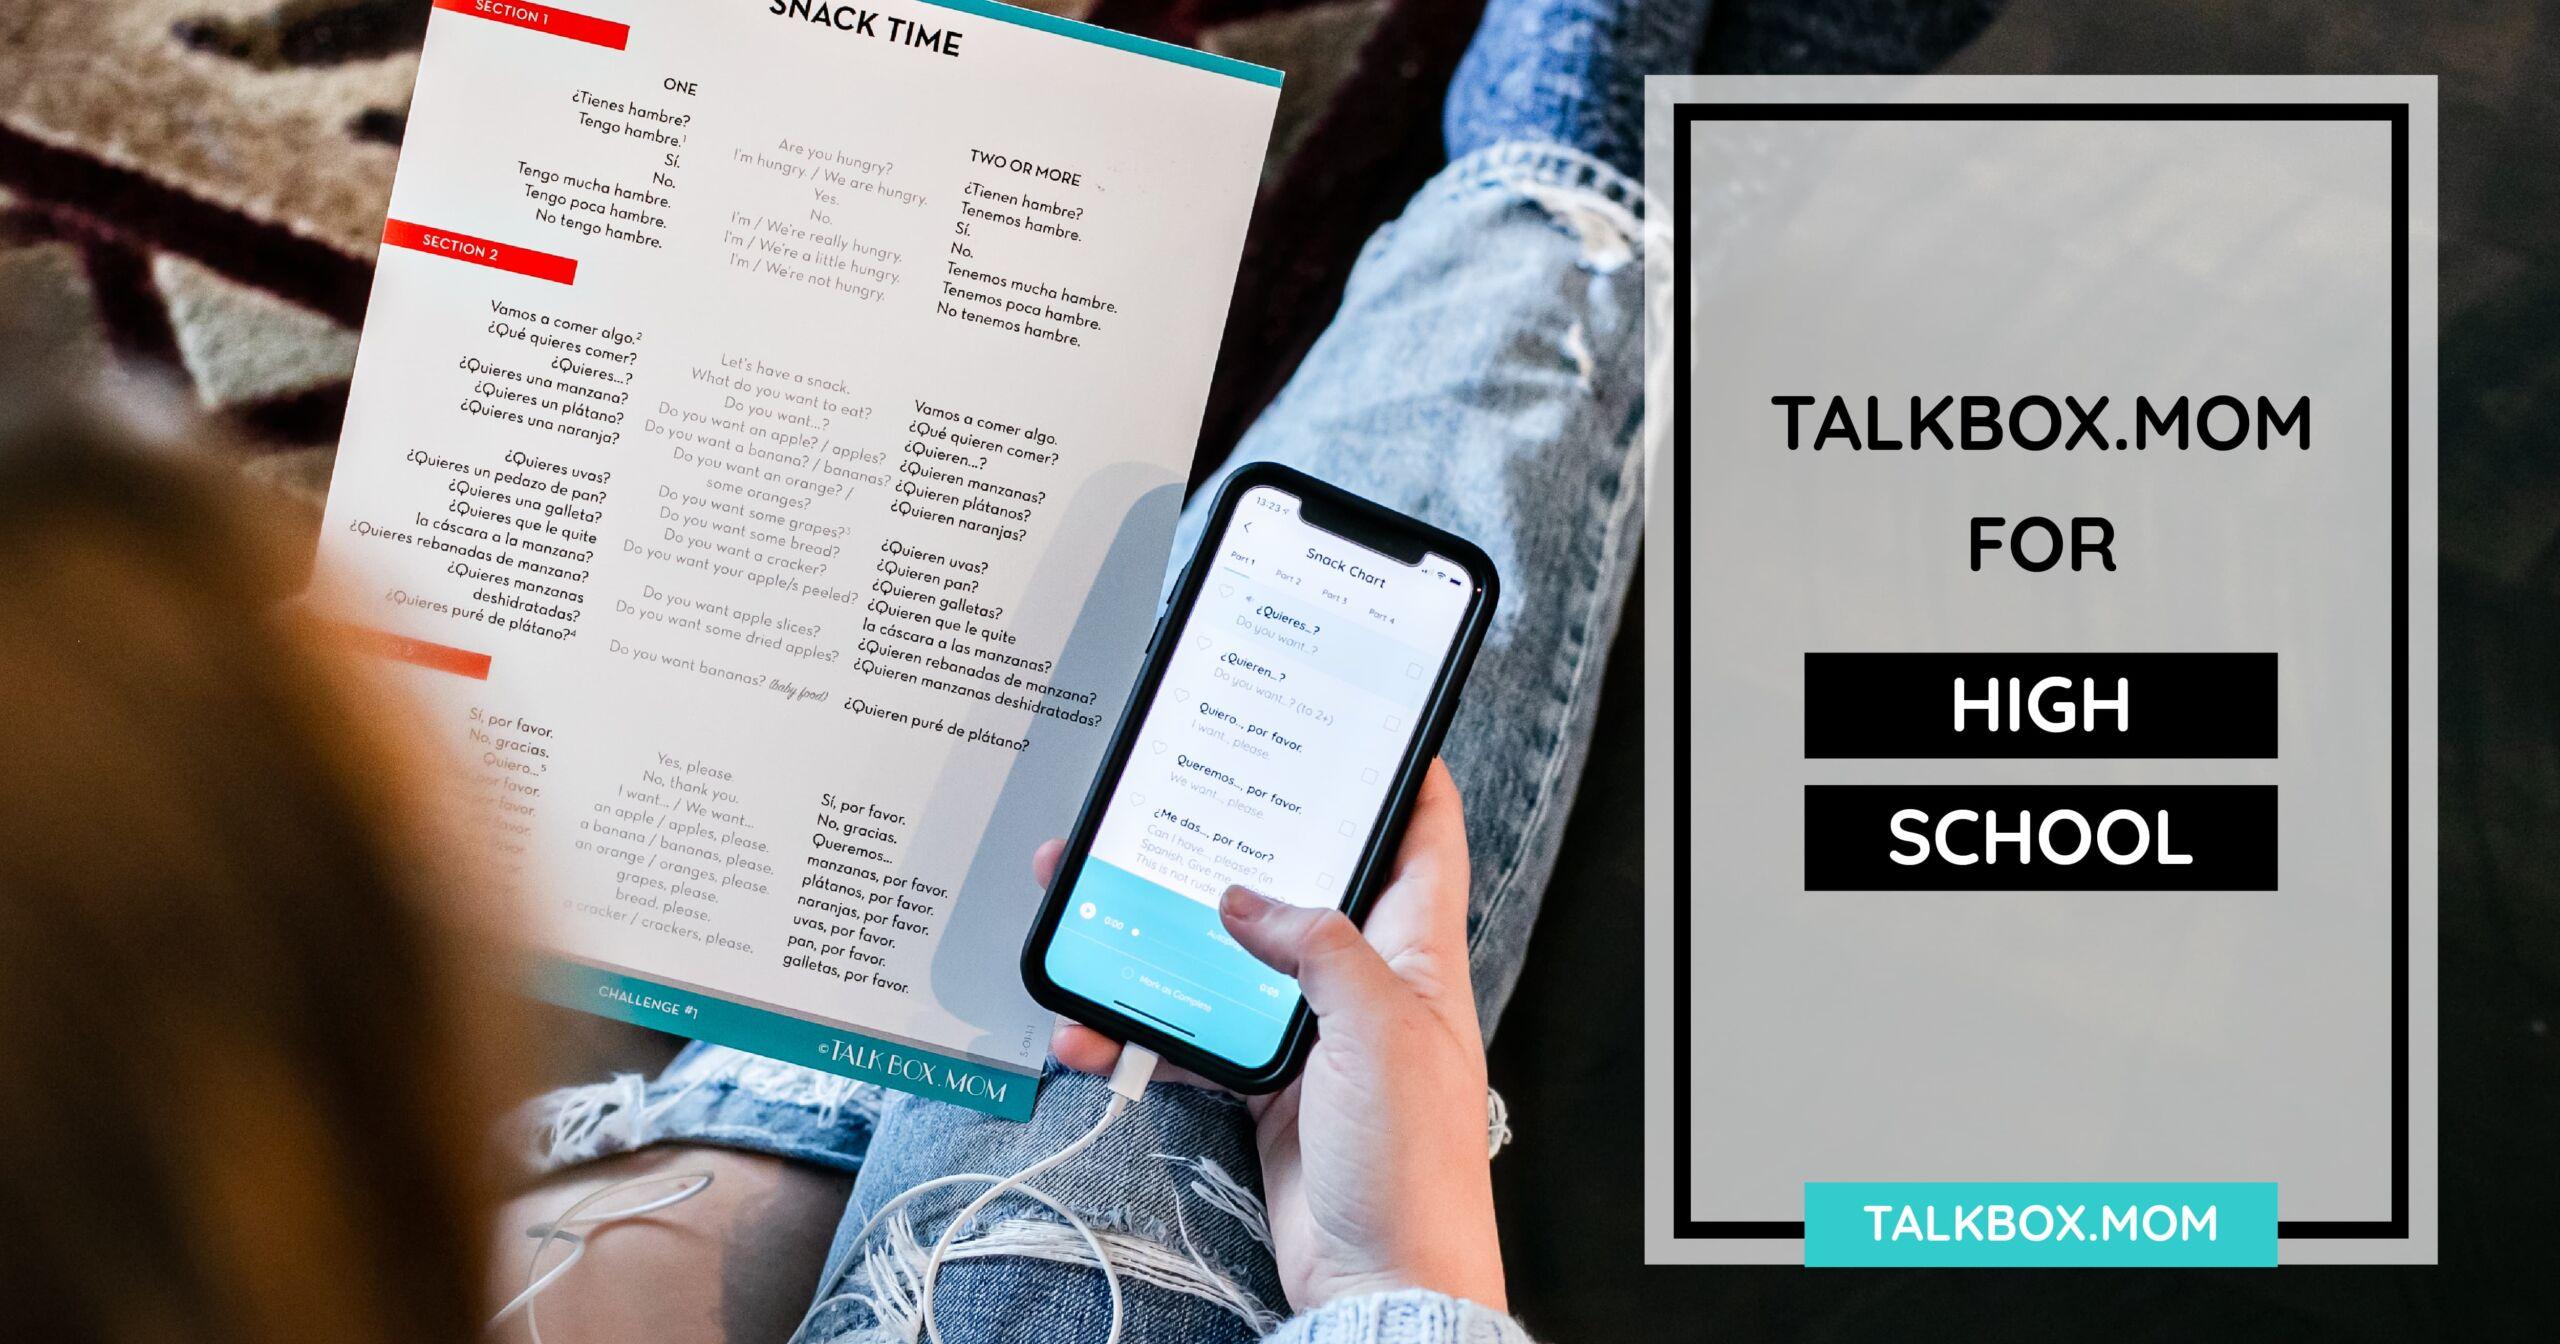 TalkBox.Mom for High School